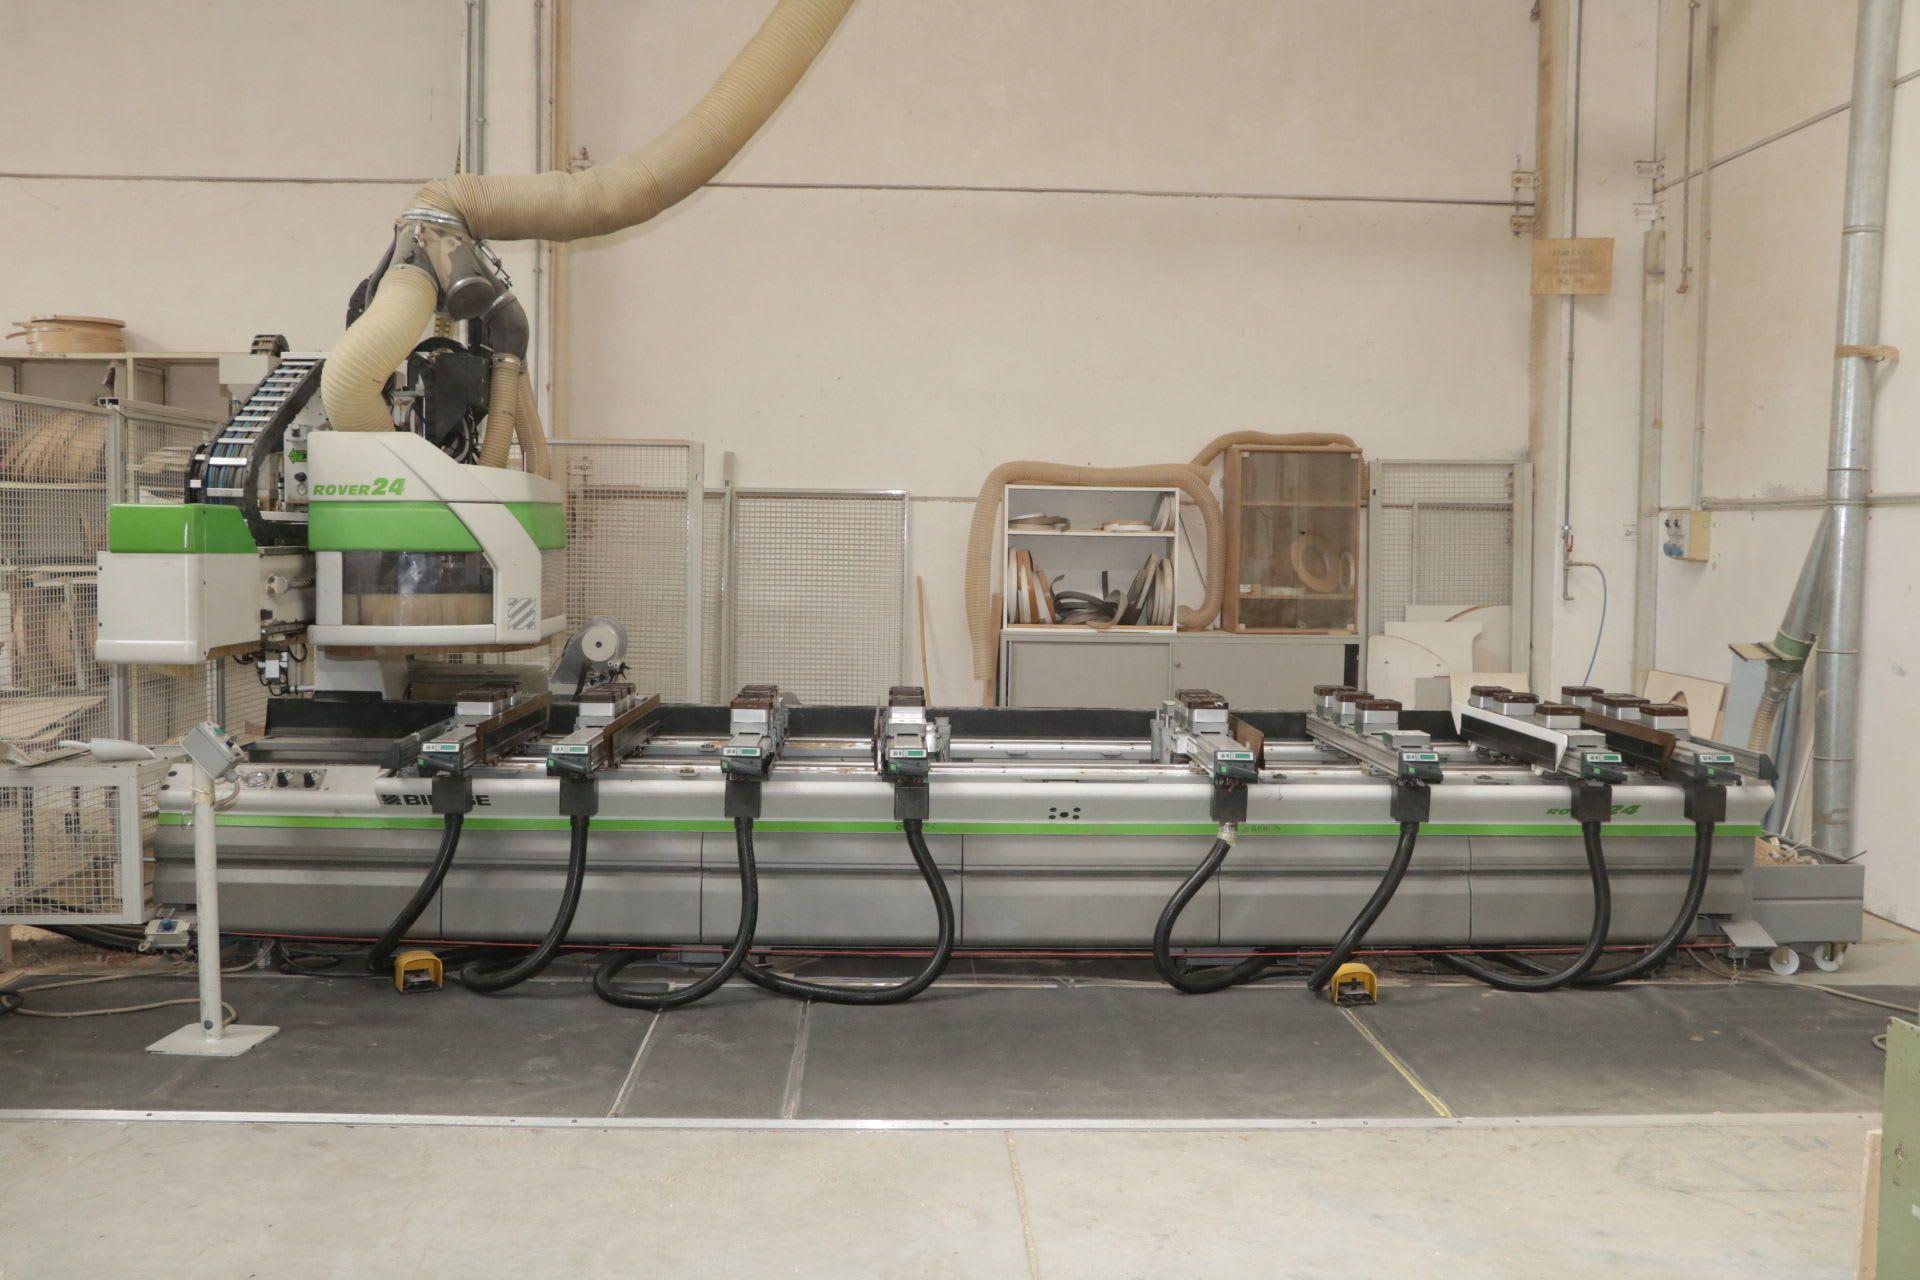 BIESSE ROVER 24L CNC-Bearbeitungszentrum (EDGE)